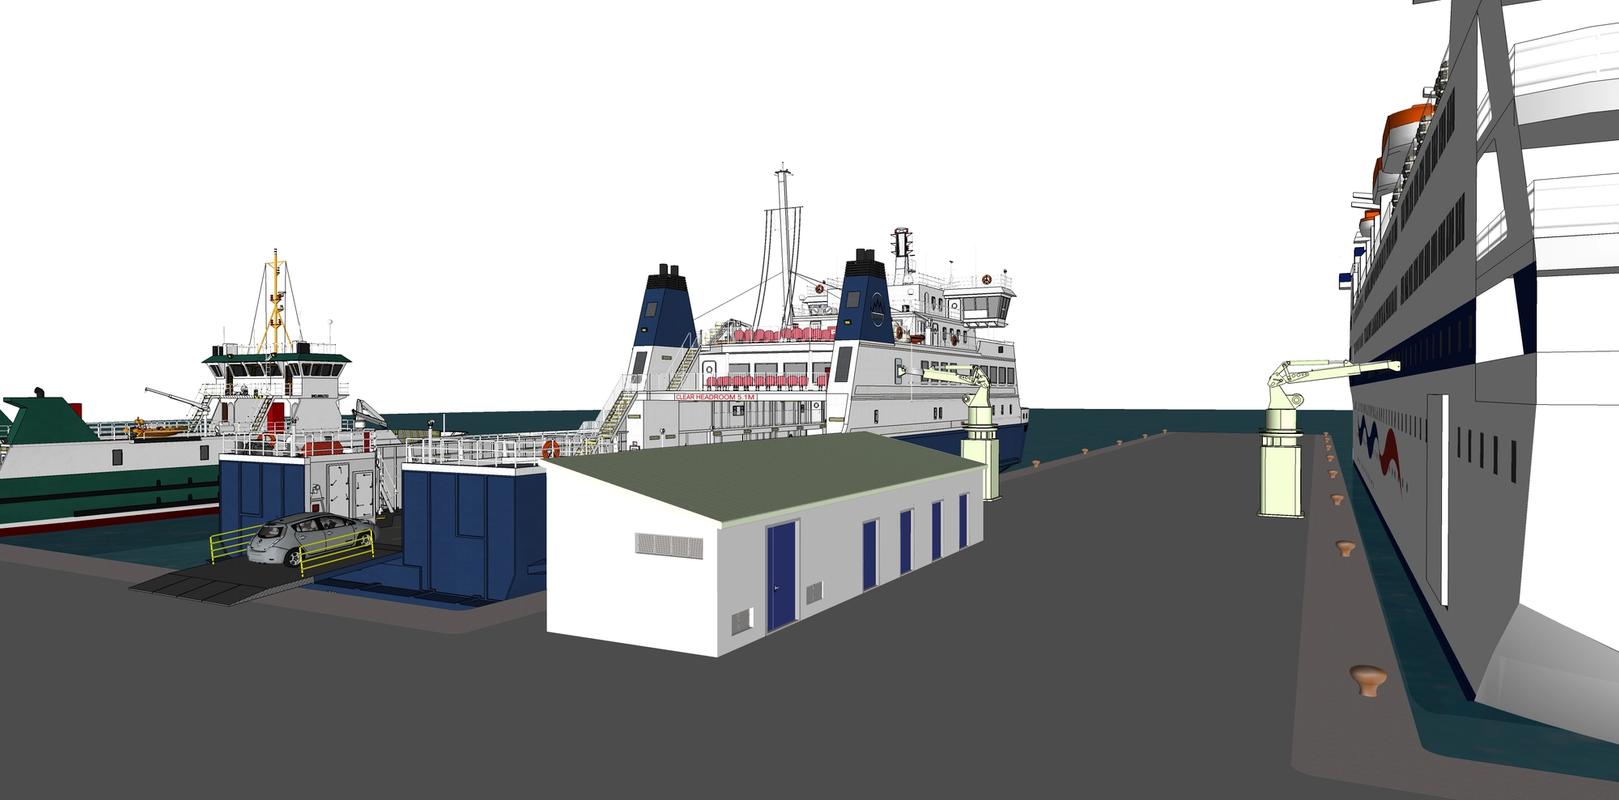 Bilde viser en 3D-tegning fra et havneområde som viser lading av større lastebåter og ferjer.